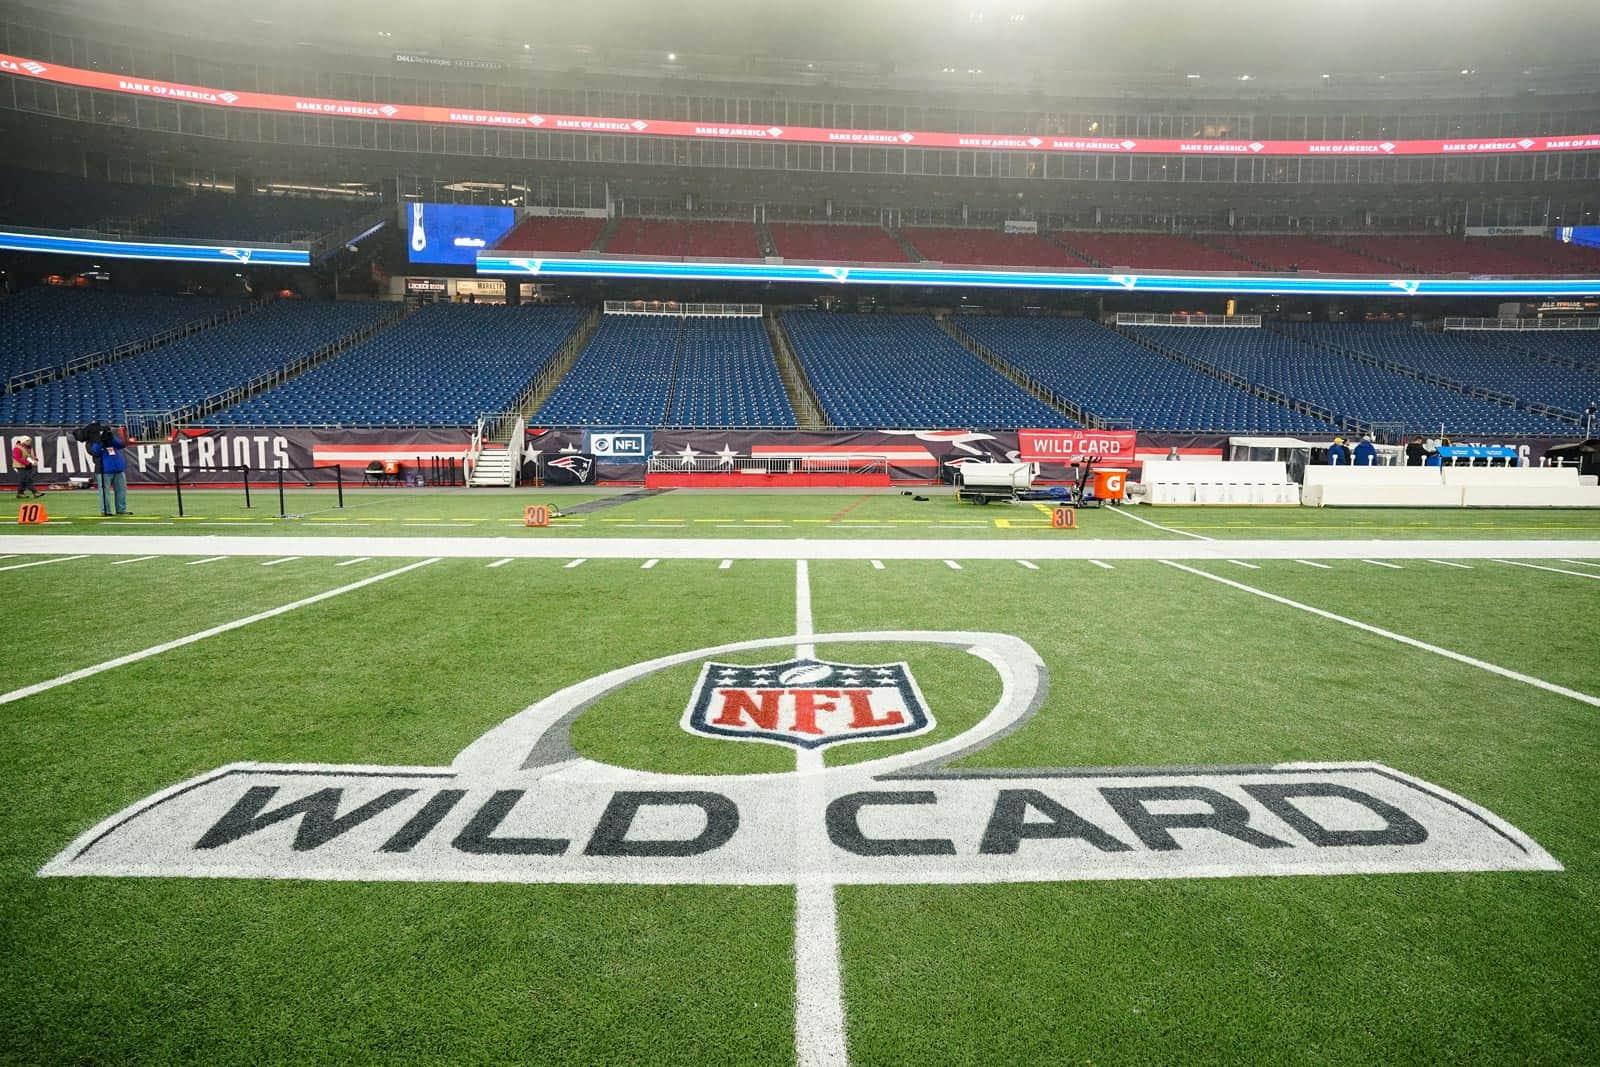 """בית הקלפים – לקראת ה""""ויילד קארד"""" בפלייאוף ה-NFL"""